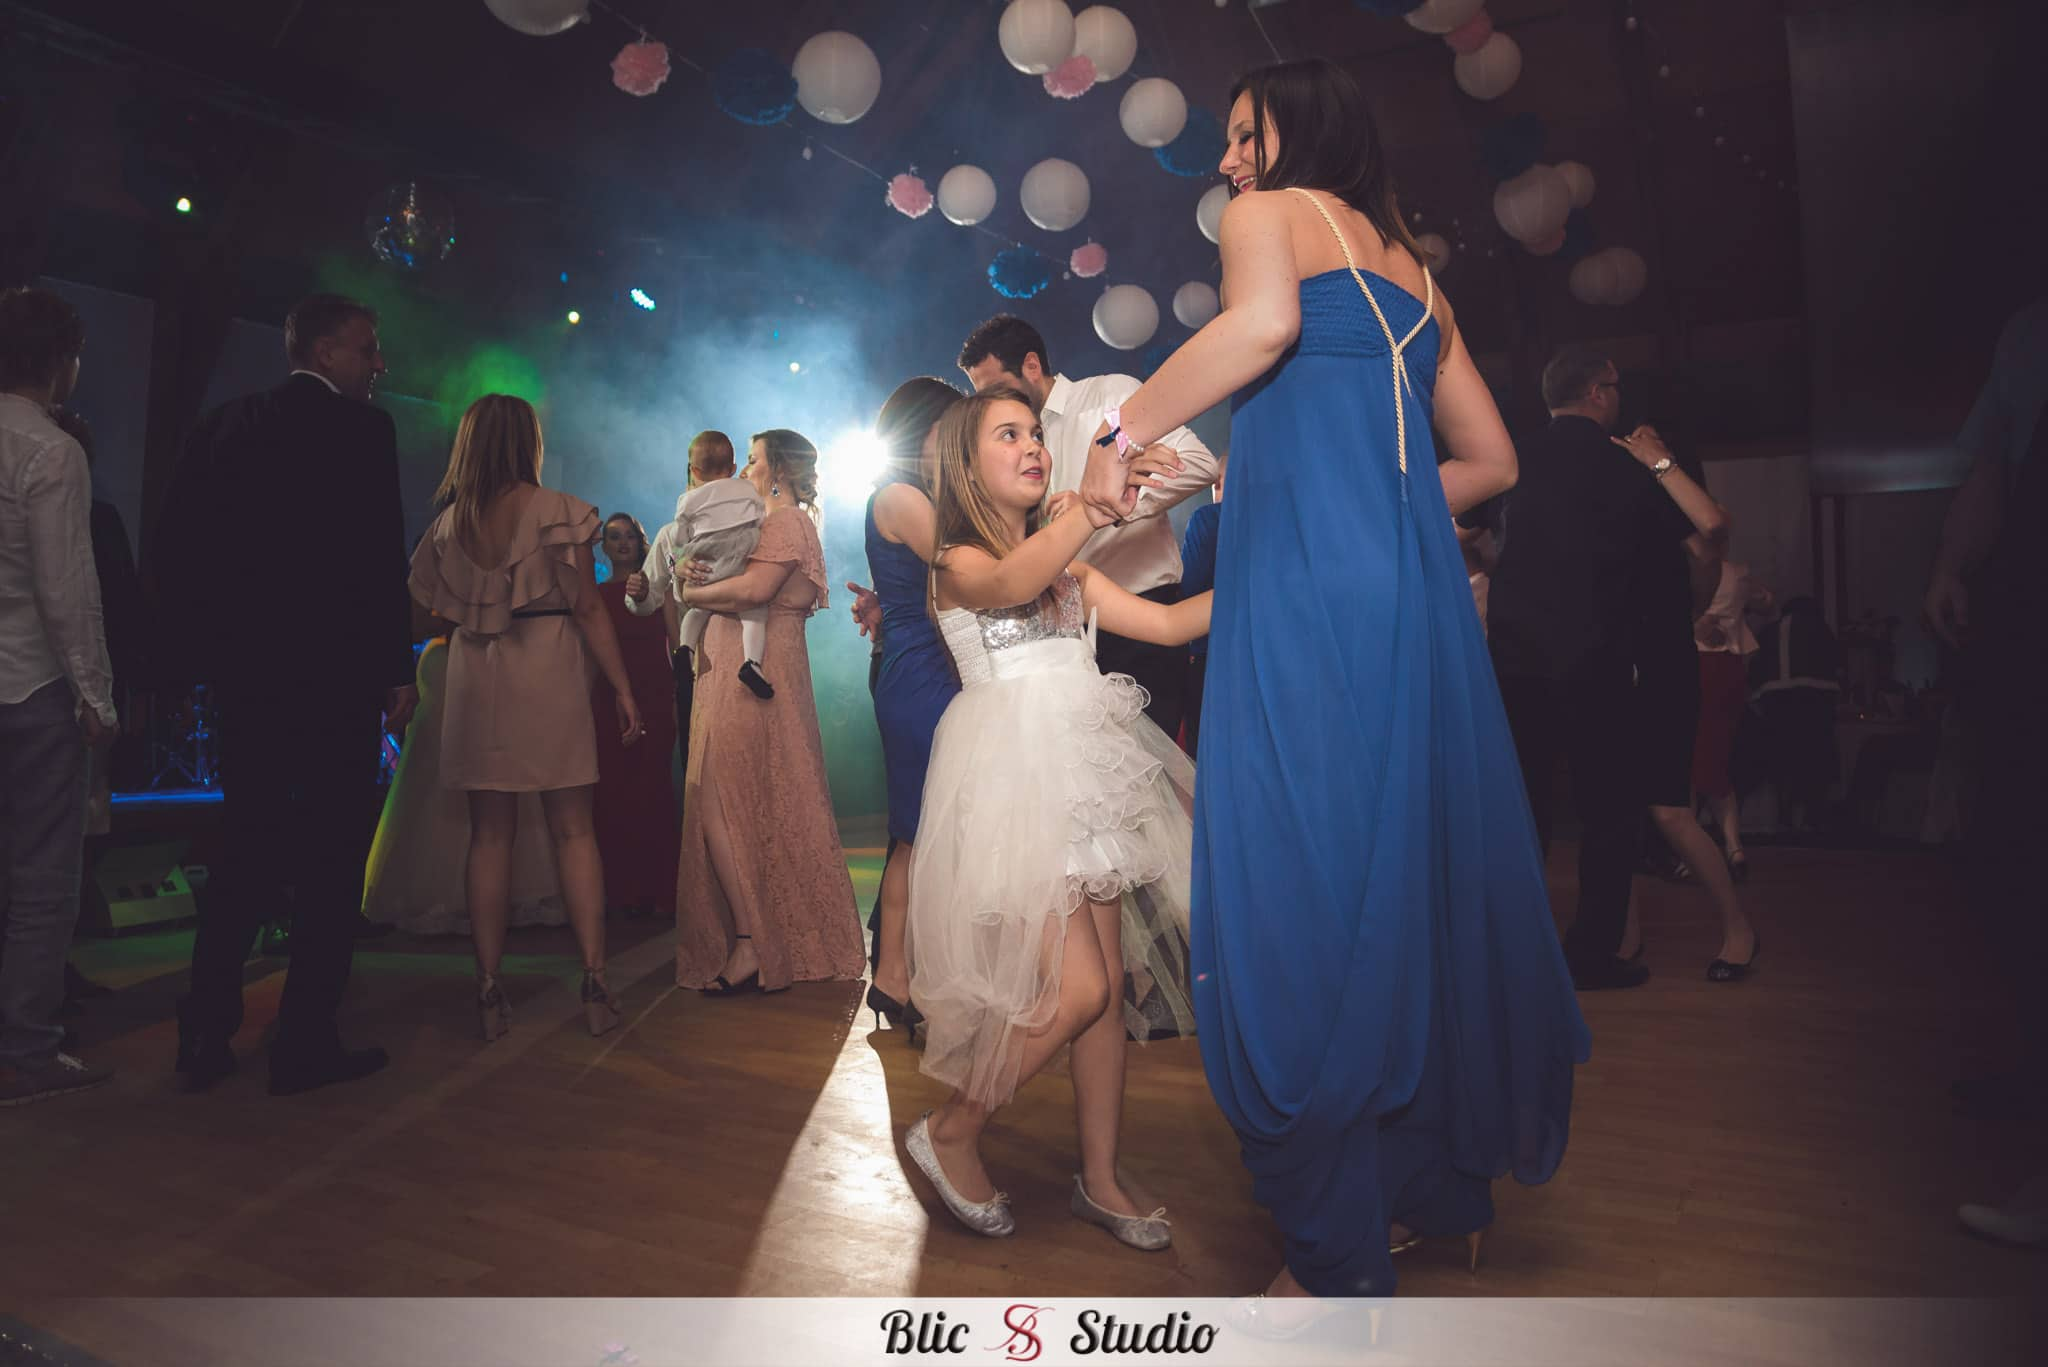 Fotograf_za_vjenčanje_foto_studio_blic_marincel (111)